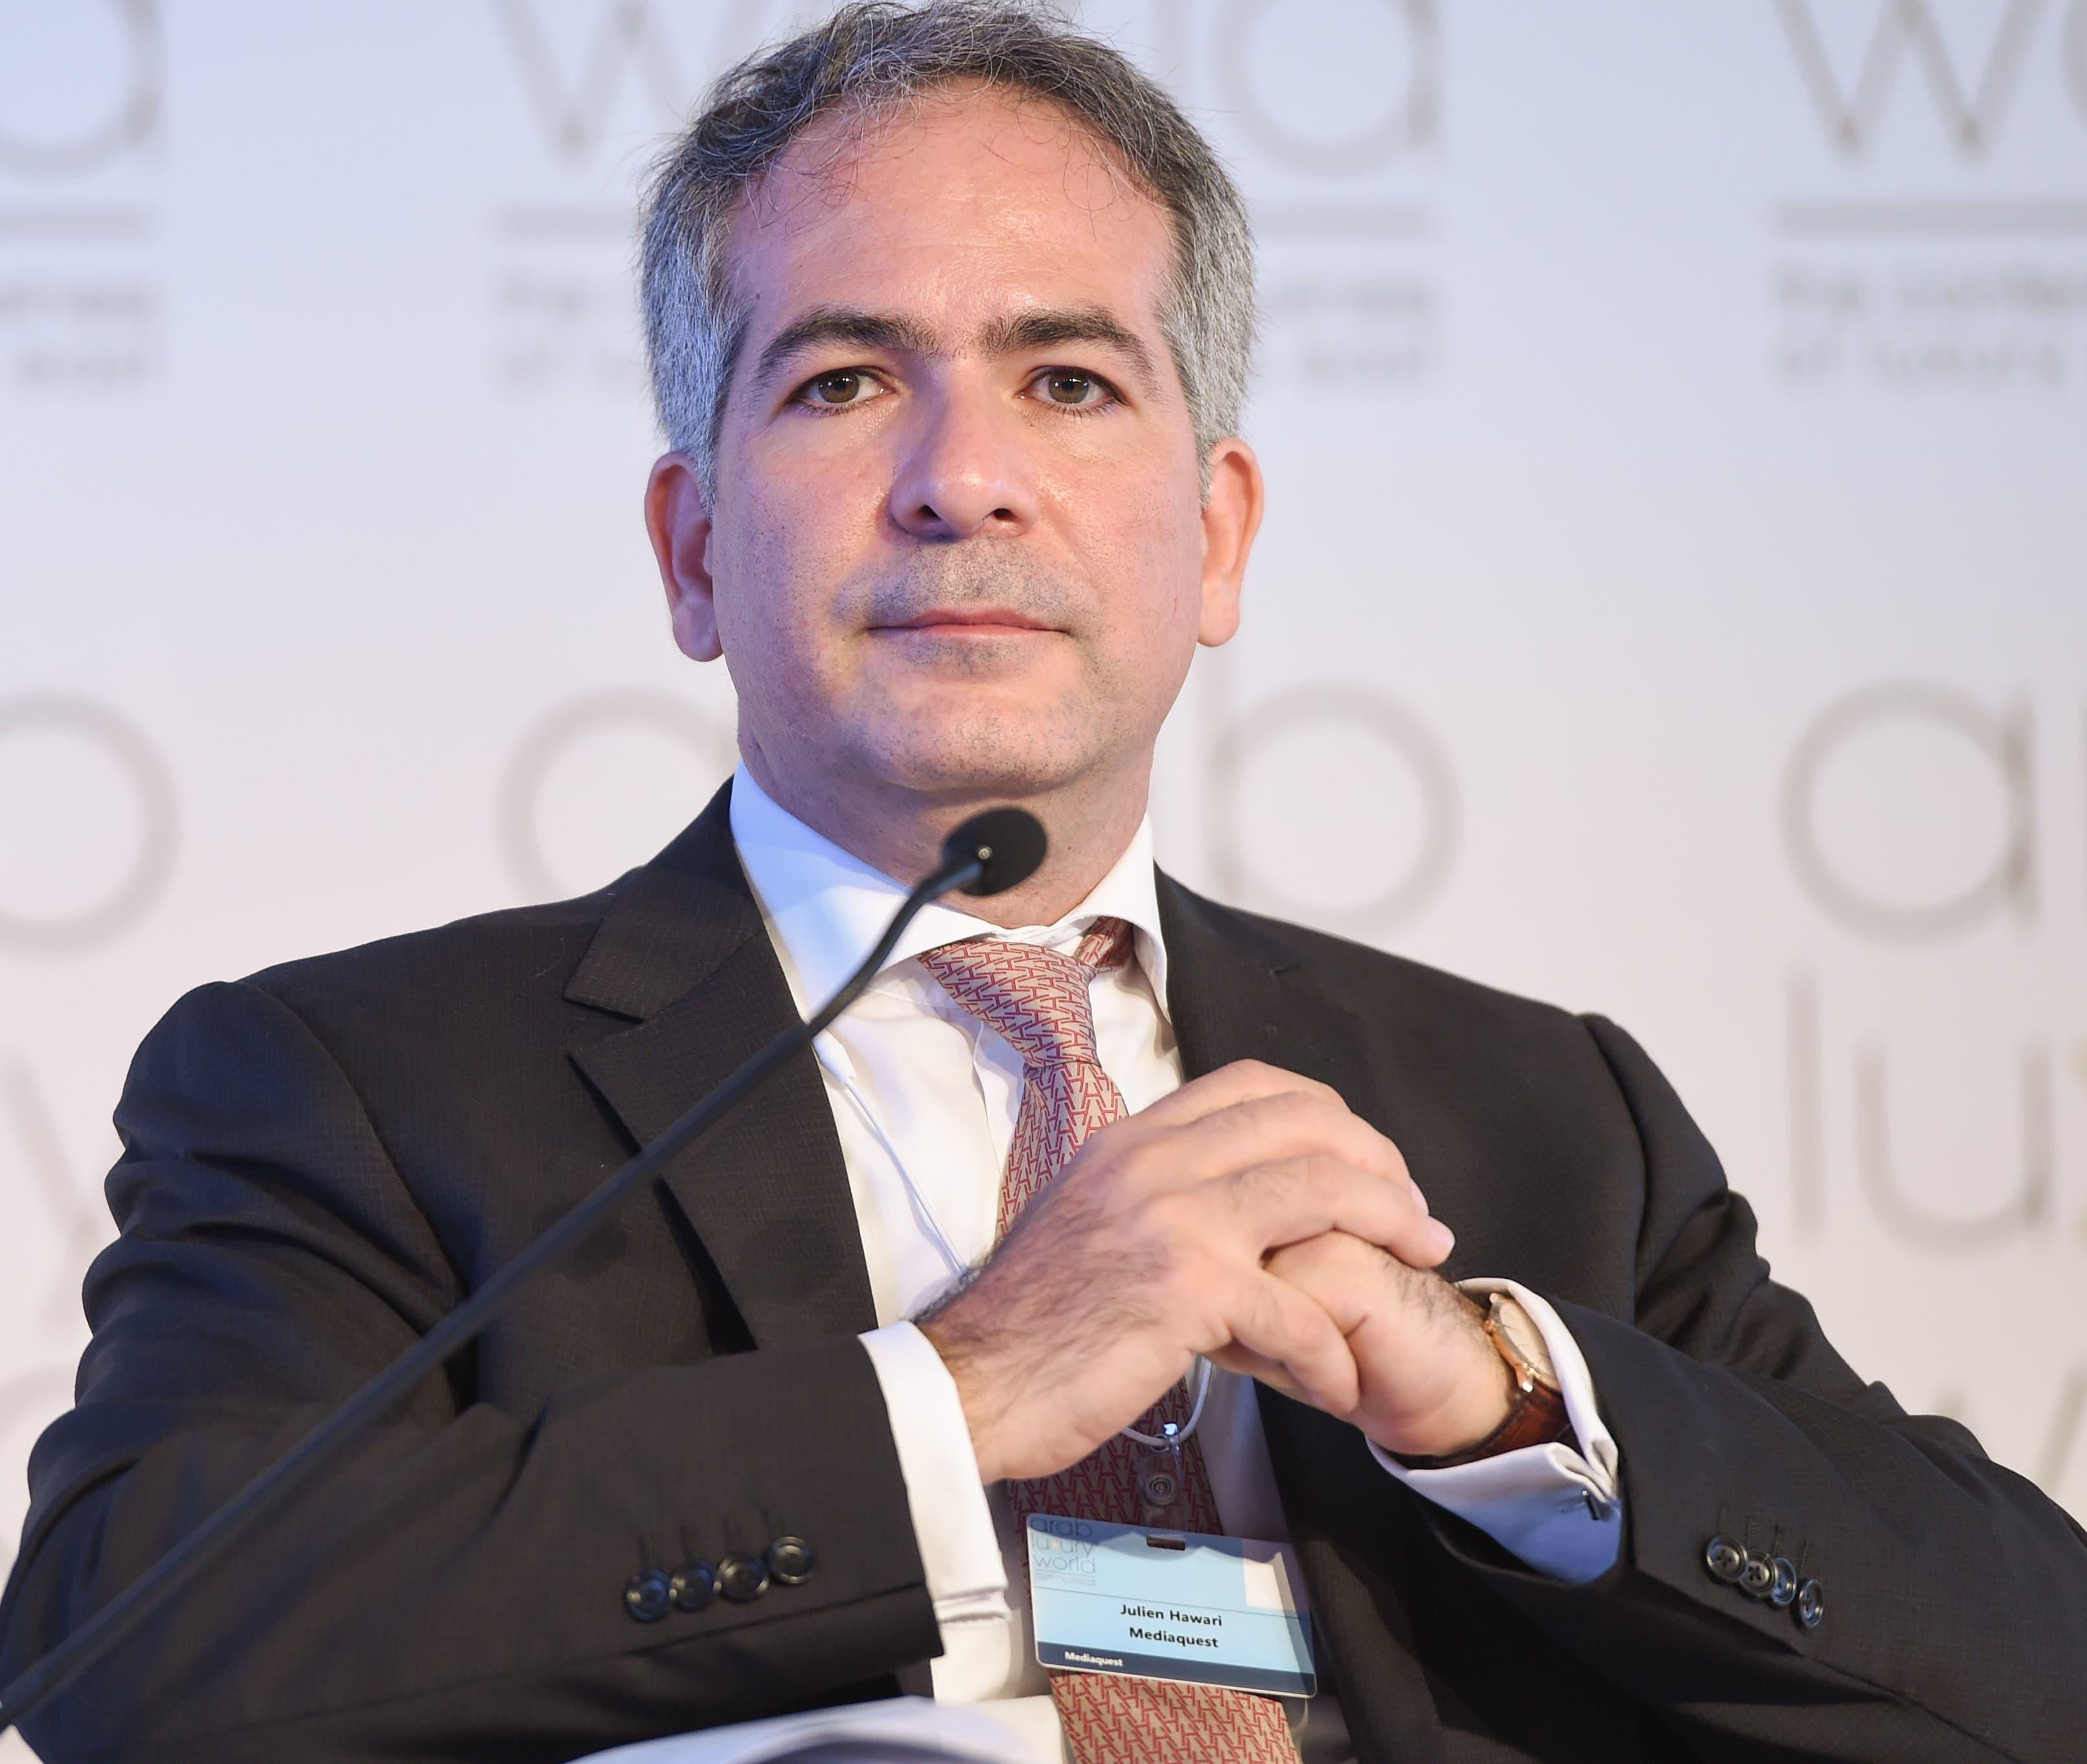 Julien Hawari, Mediaquest's Co-CEO. (Courtesy: Mediaquest)